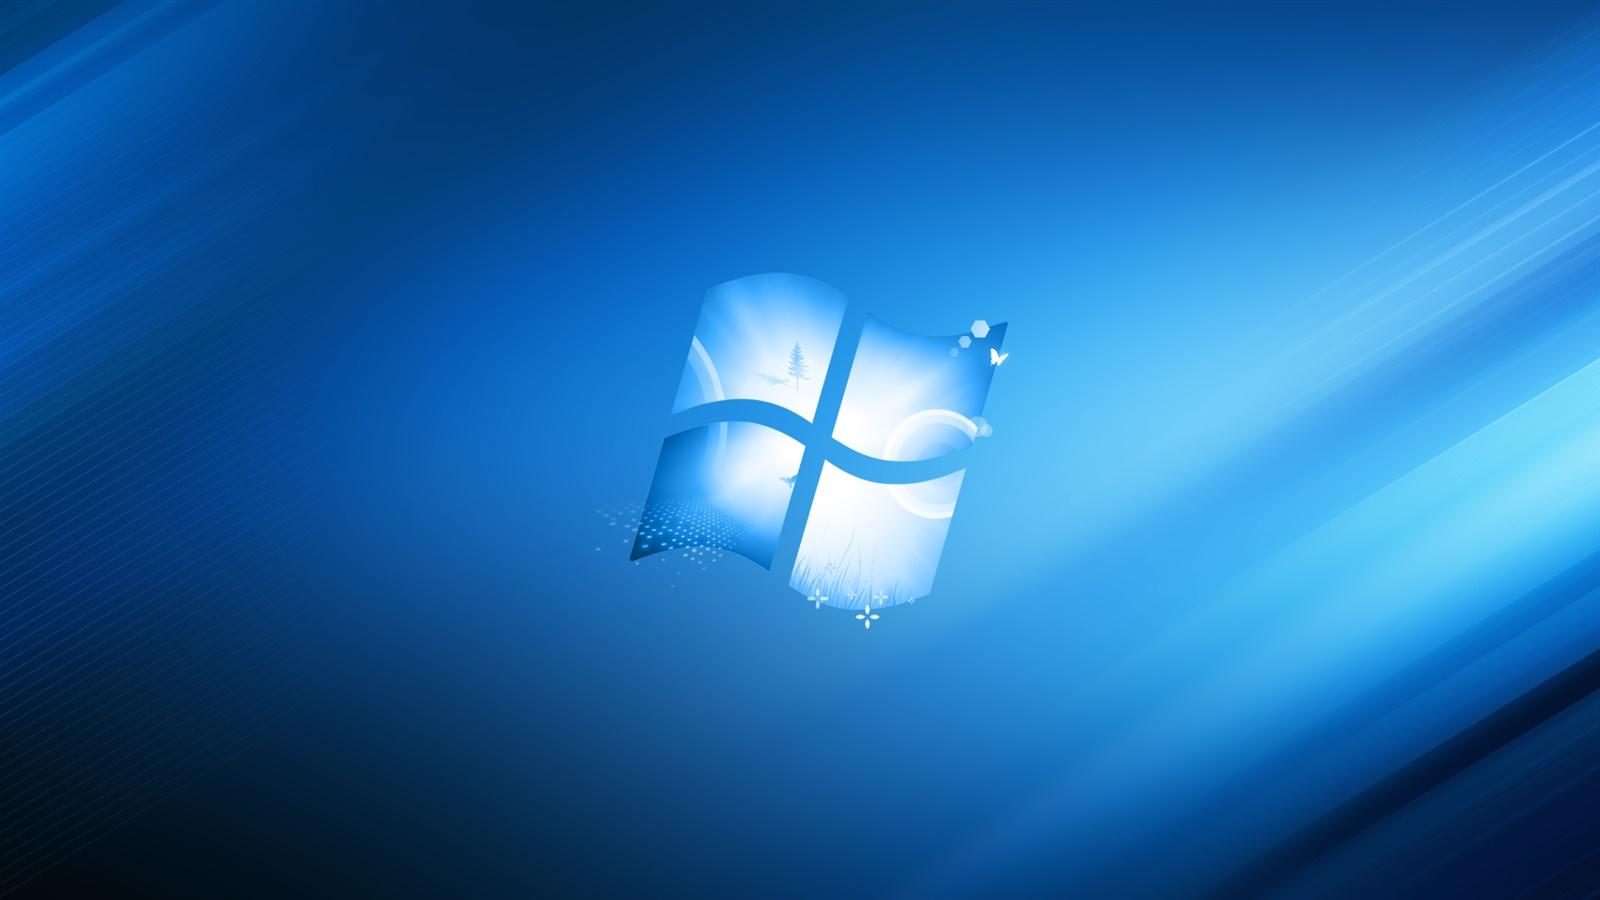 Windowsロゴ ブルー スタイル 背景 デスクトップの壁紙 1600x900 壁紙をダウンロード Ja Hdwall365 Com